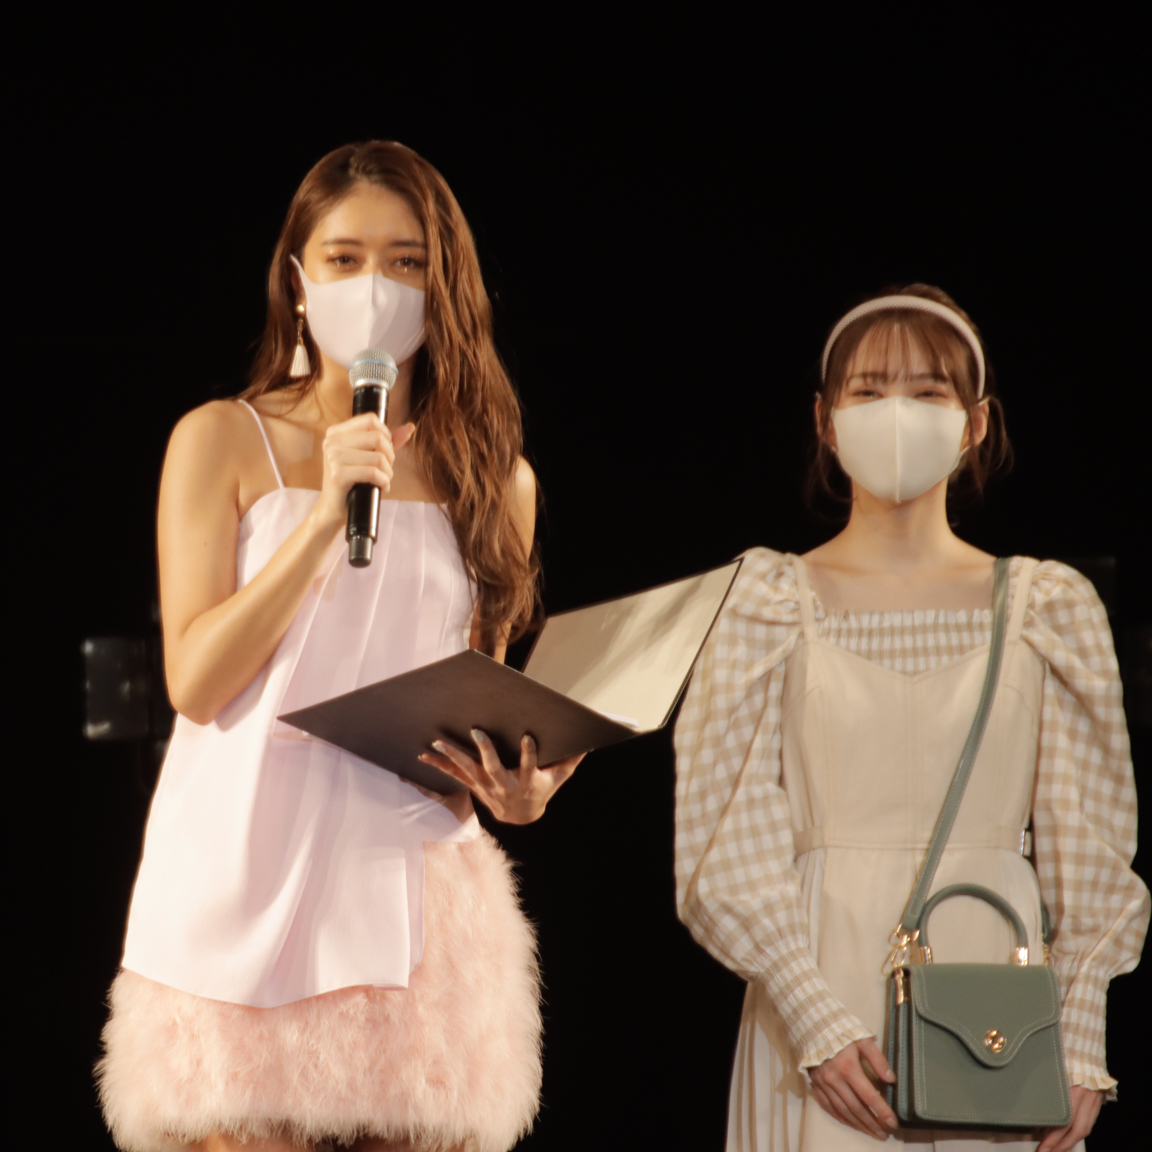 池田美優(いけだ みゆう/みちょぱ)マスク姿<超十代>